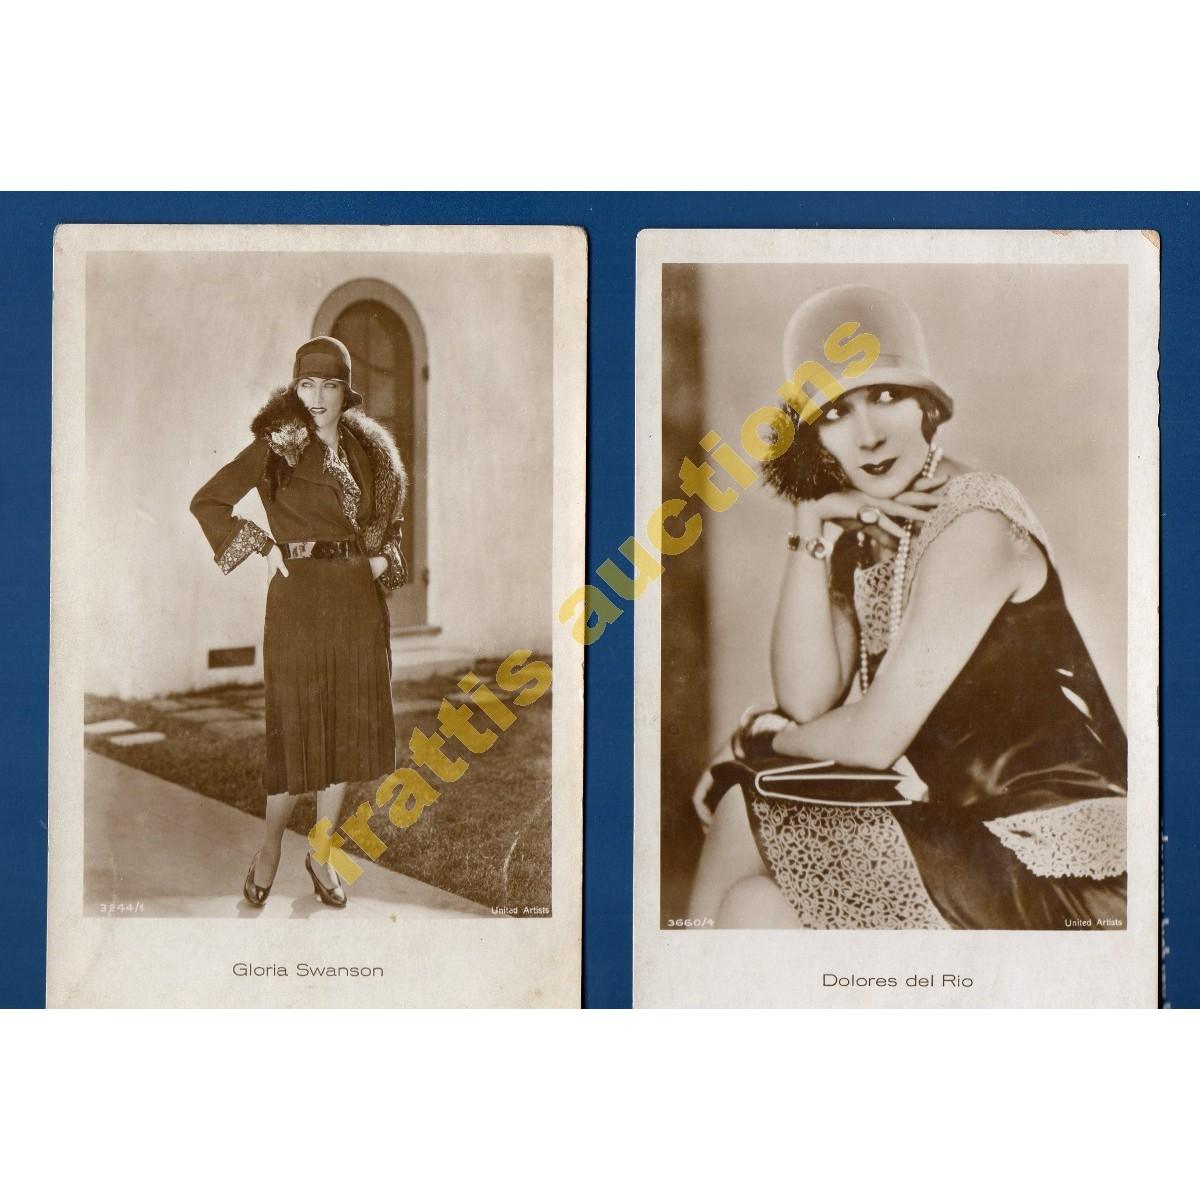 Δύο Φωτογραφίες Γκλόρια Σουάνσον & Ντολόρες ντελ Ρίο.